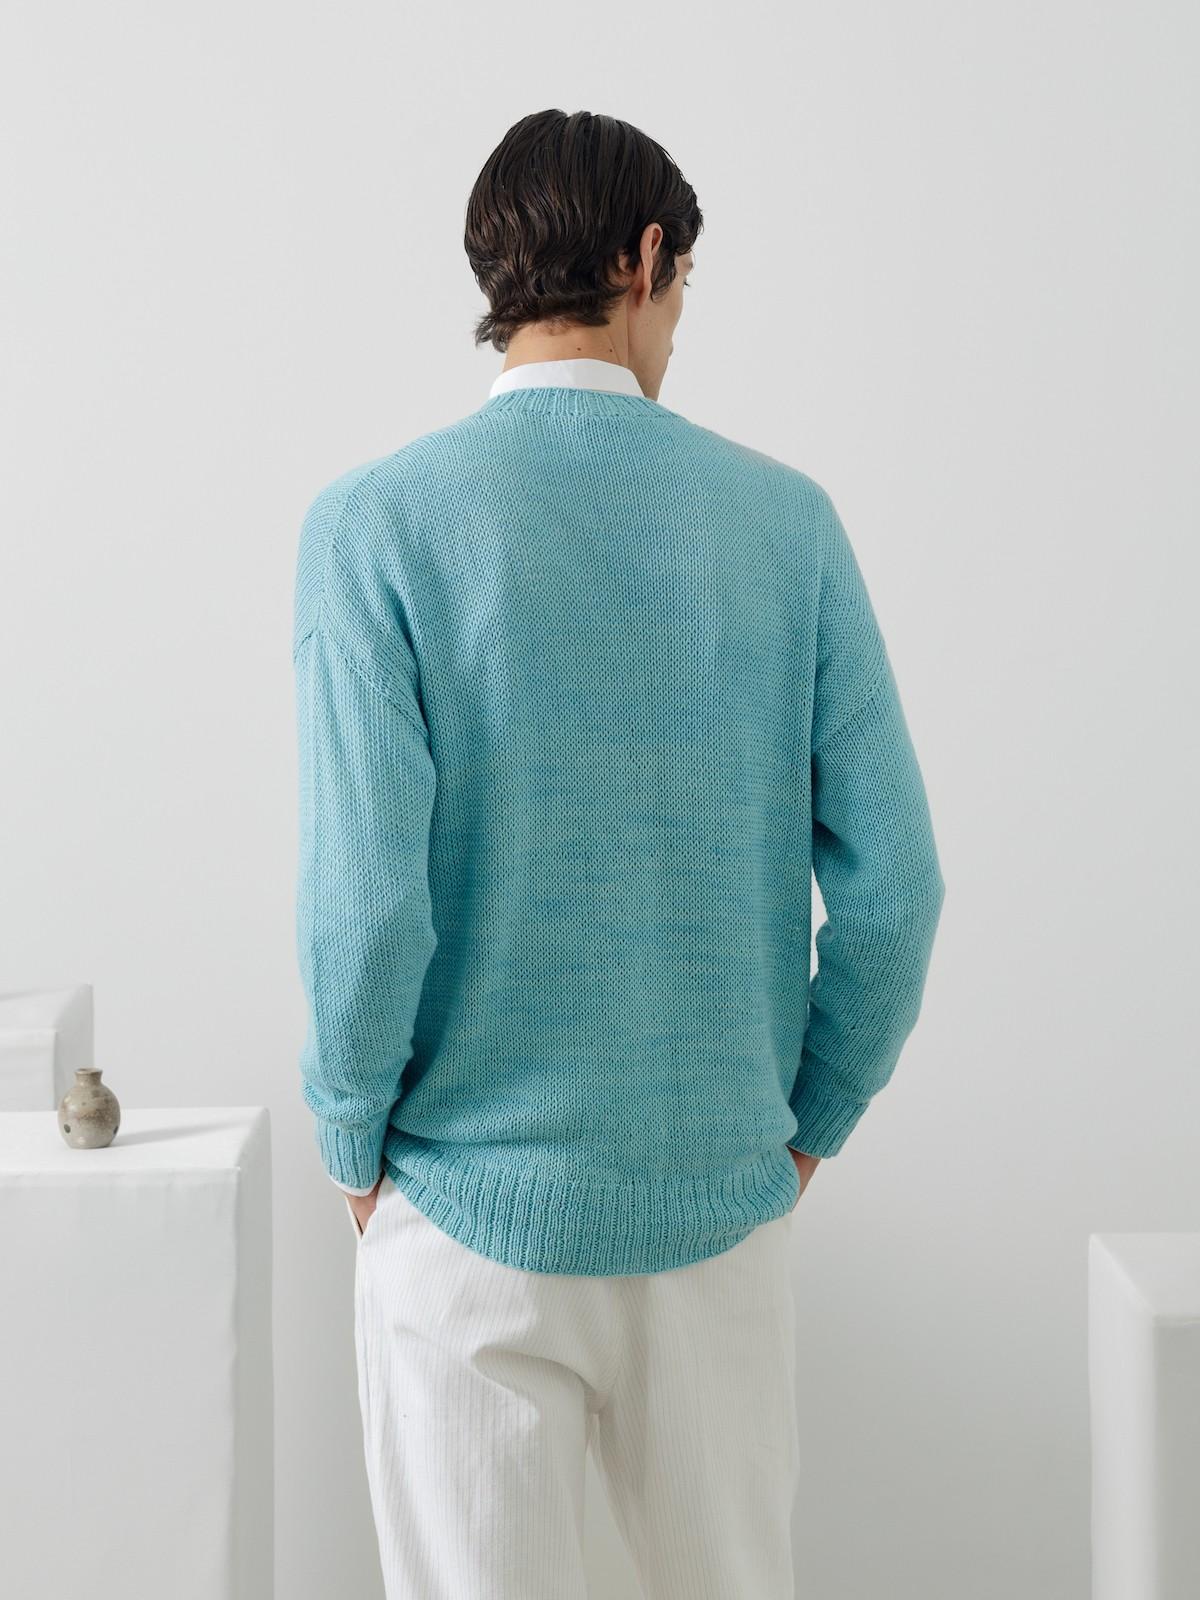 Oversized cardigan Image